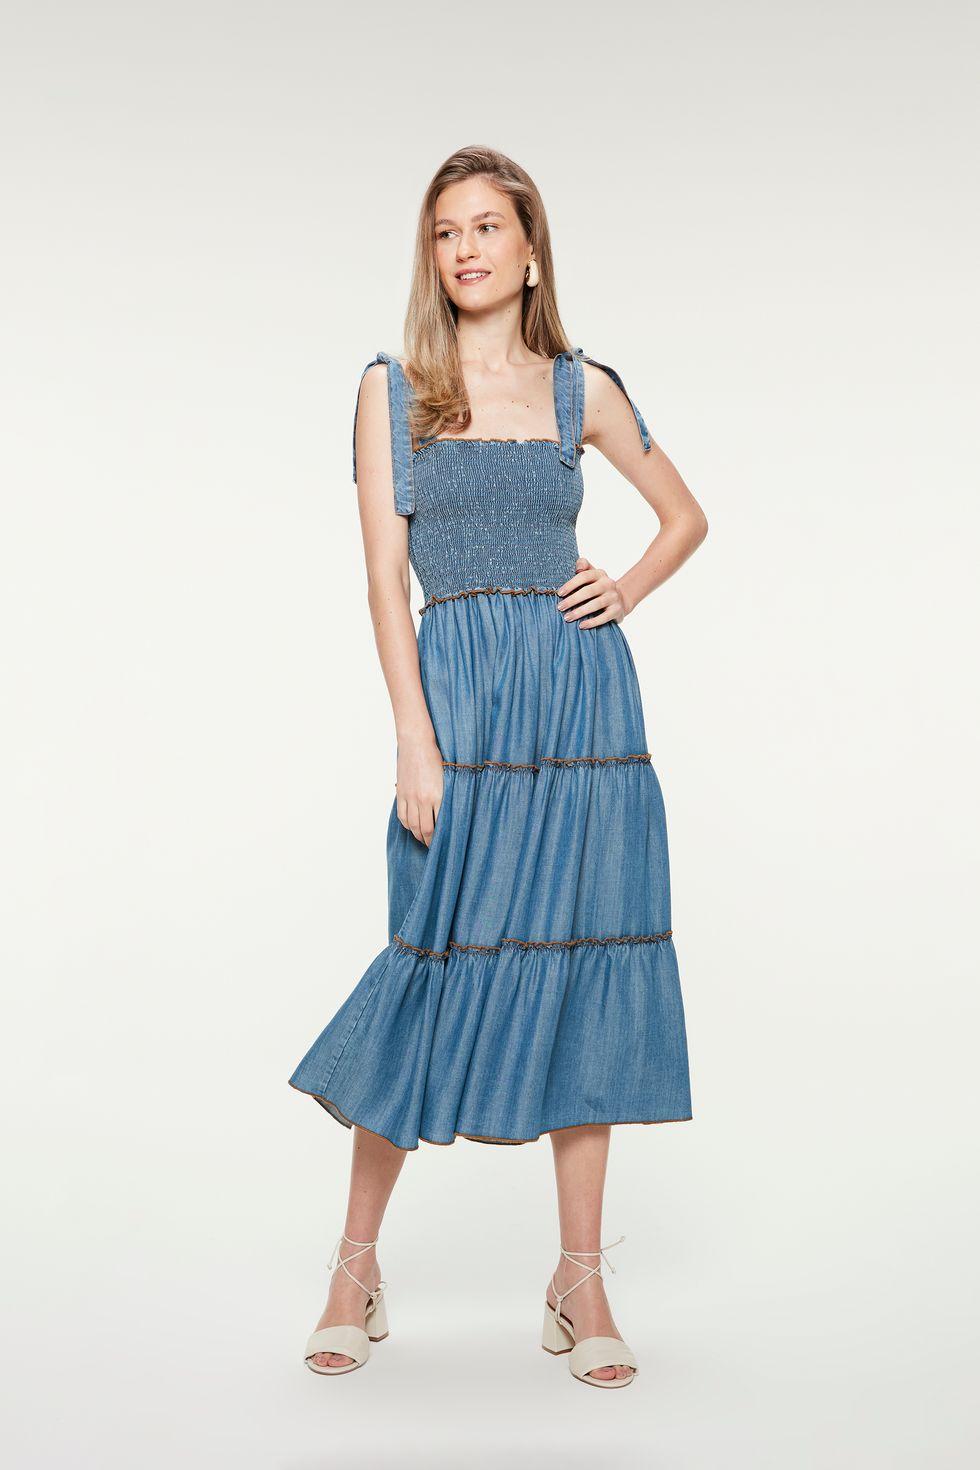 Vestido-Jeans-Claro-Midi-com-Recortes-Frente--